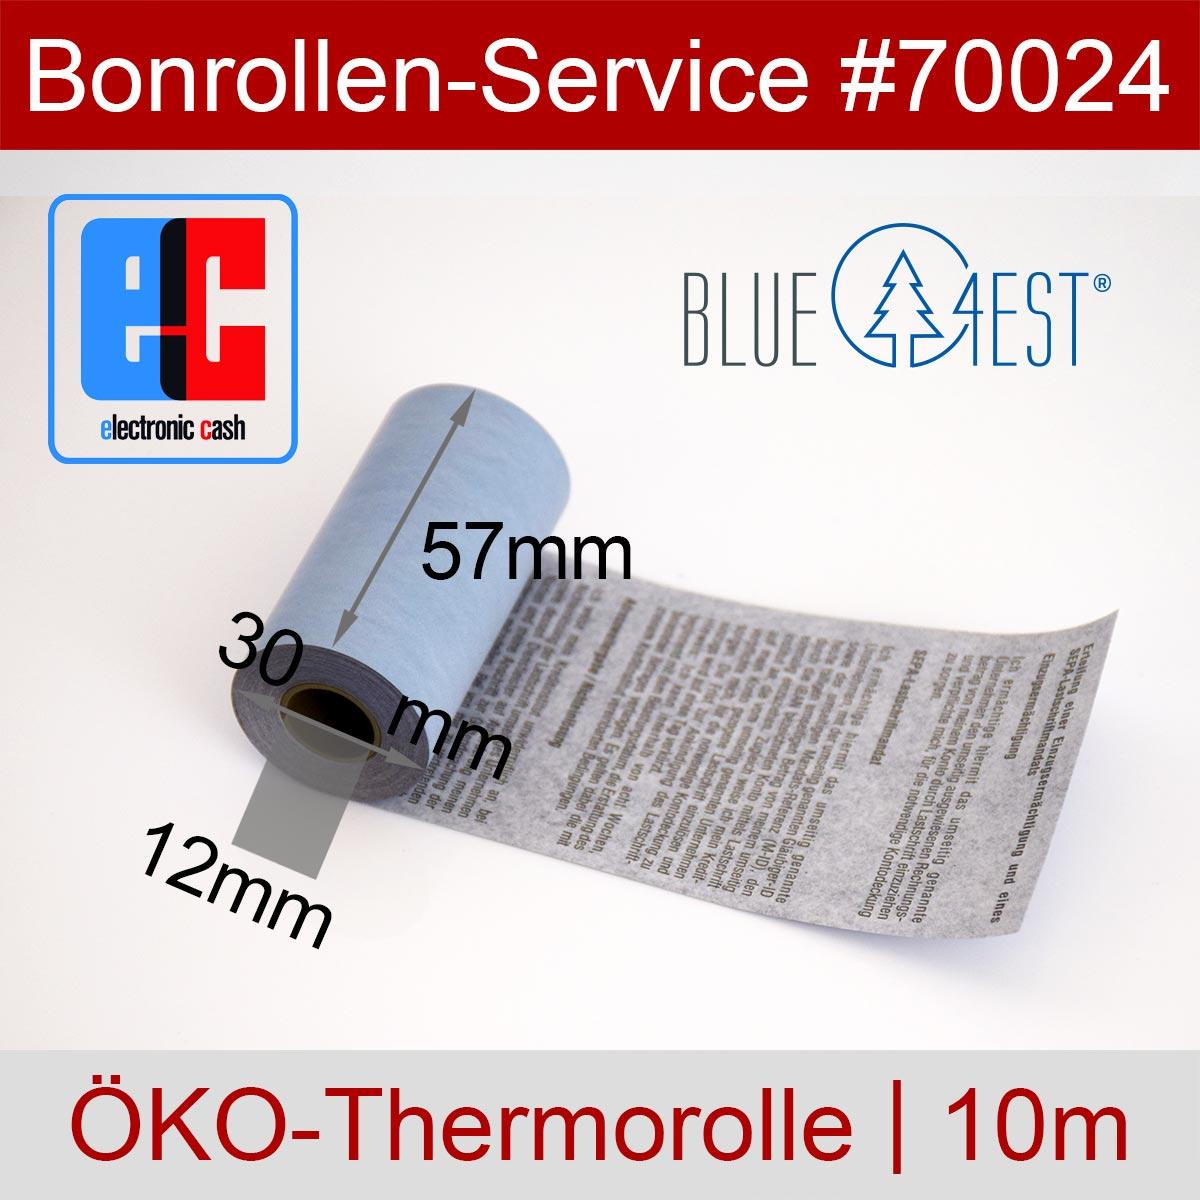 EC-Thermorollen Blue4est 57 / 10m / 12 mit Lastschrifttext, blau - Detailansicht